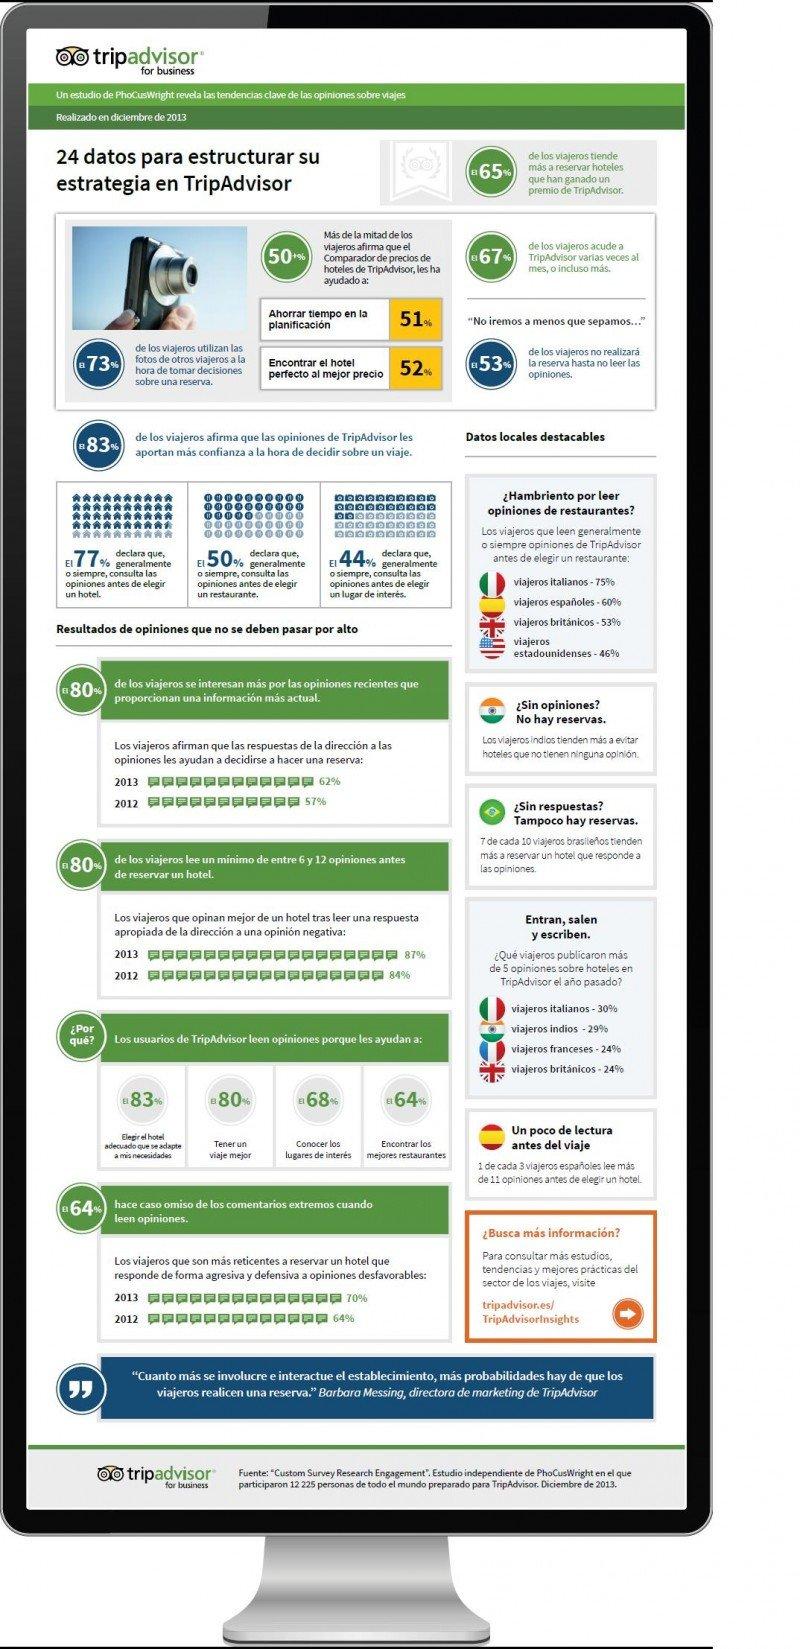 Infografía de TripAdvisor sobre la fiabilidad de los comentarios de los viajeros.